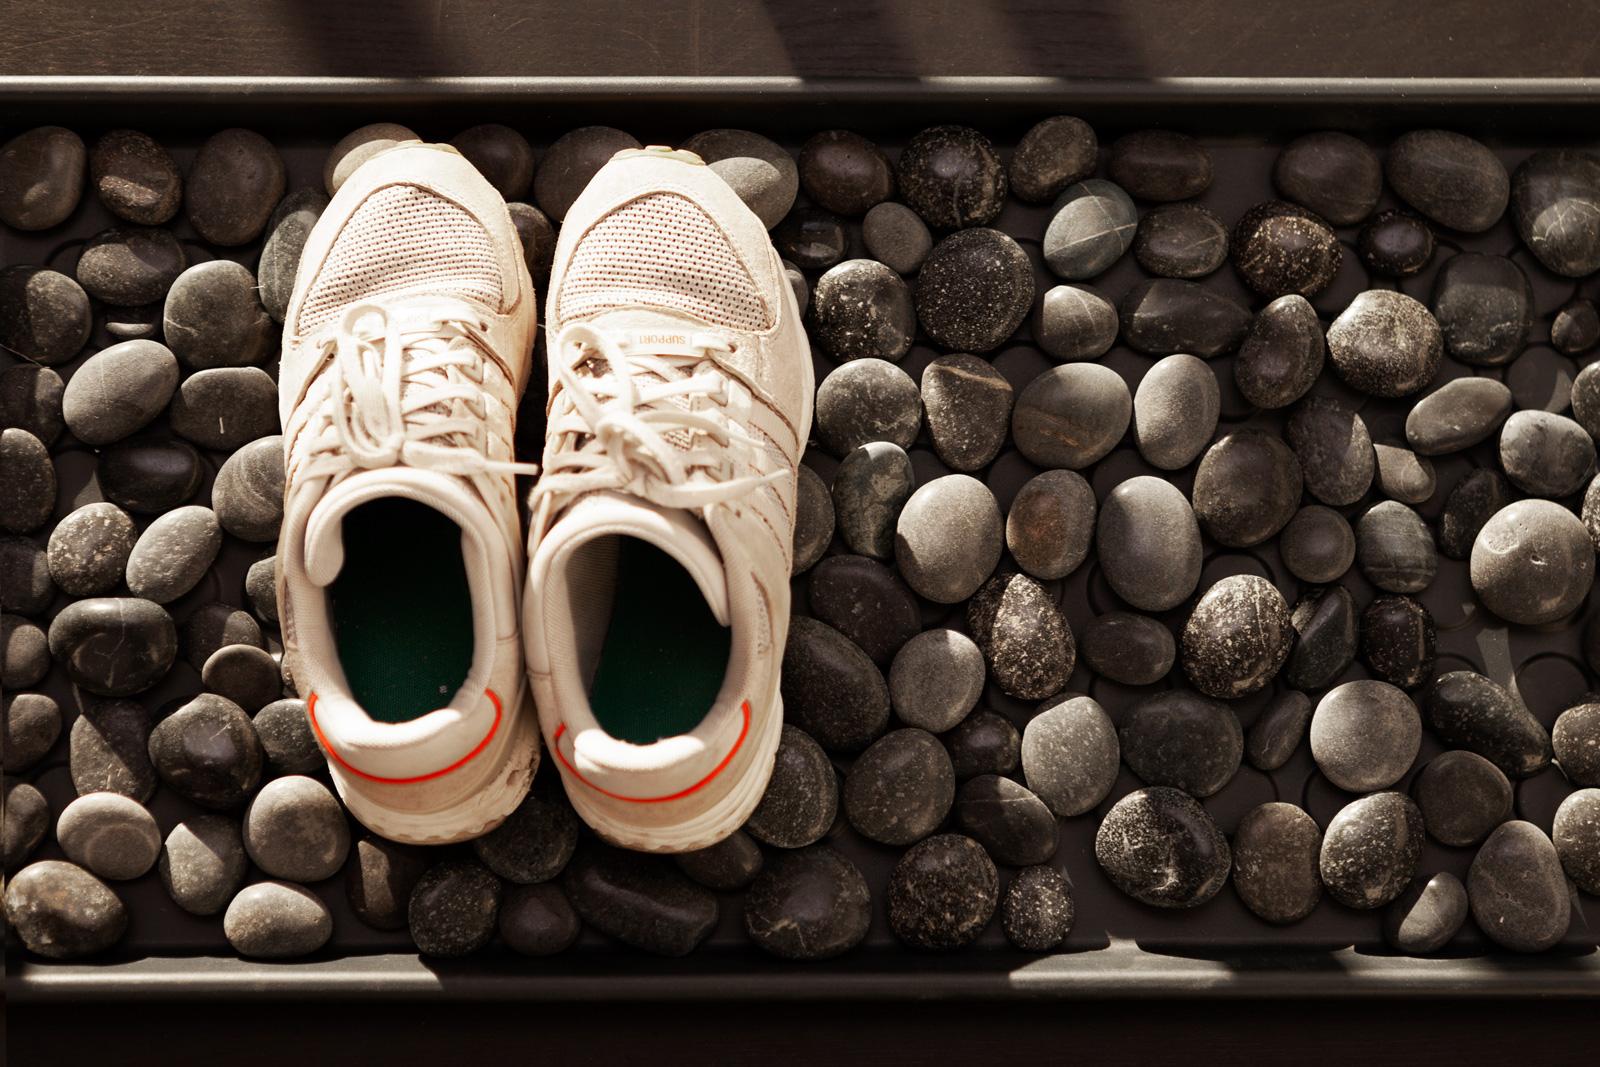 Praktisch und dekorativ: Die Fußmatte kann auch als Schuhablage verwendet werden.